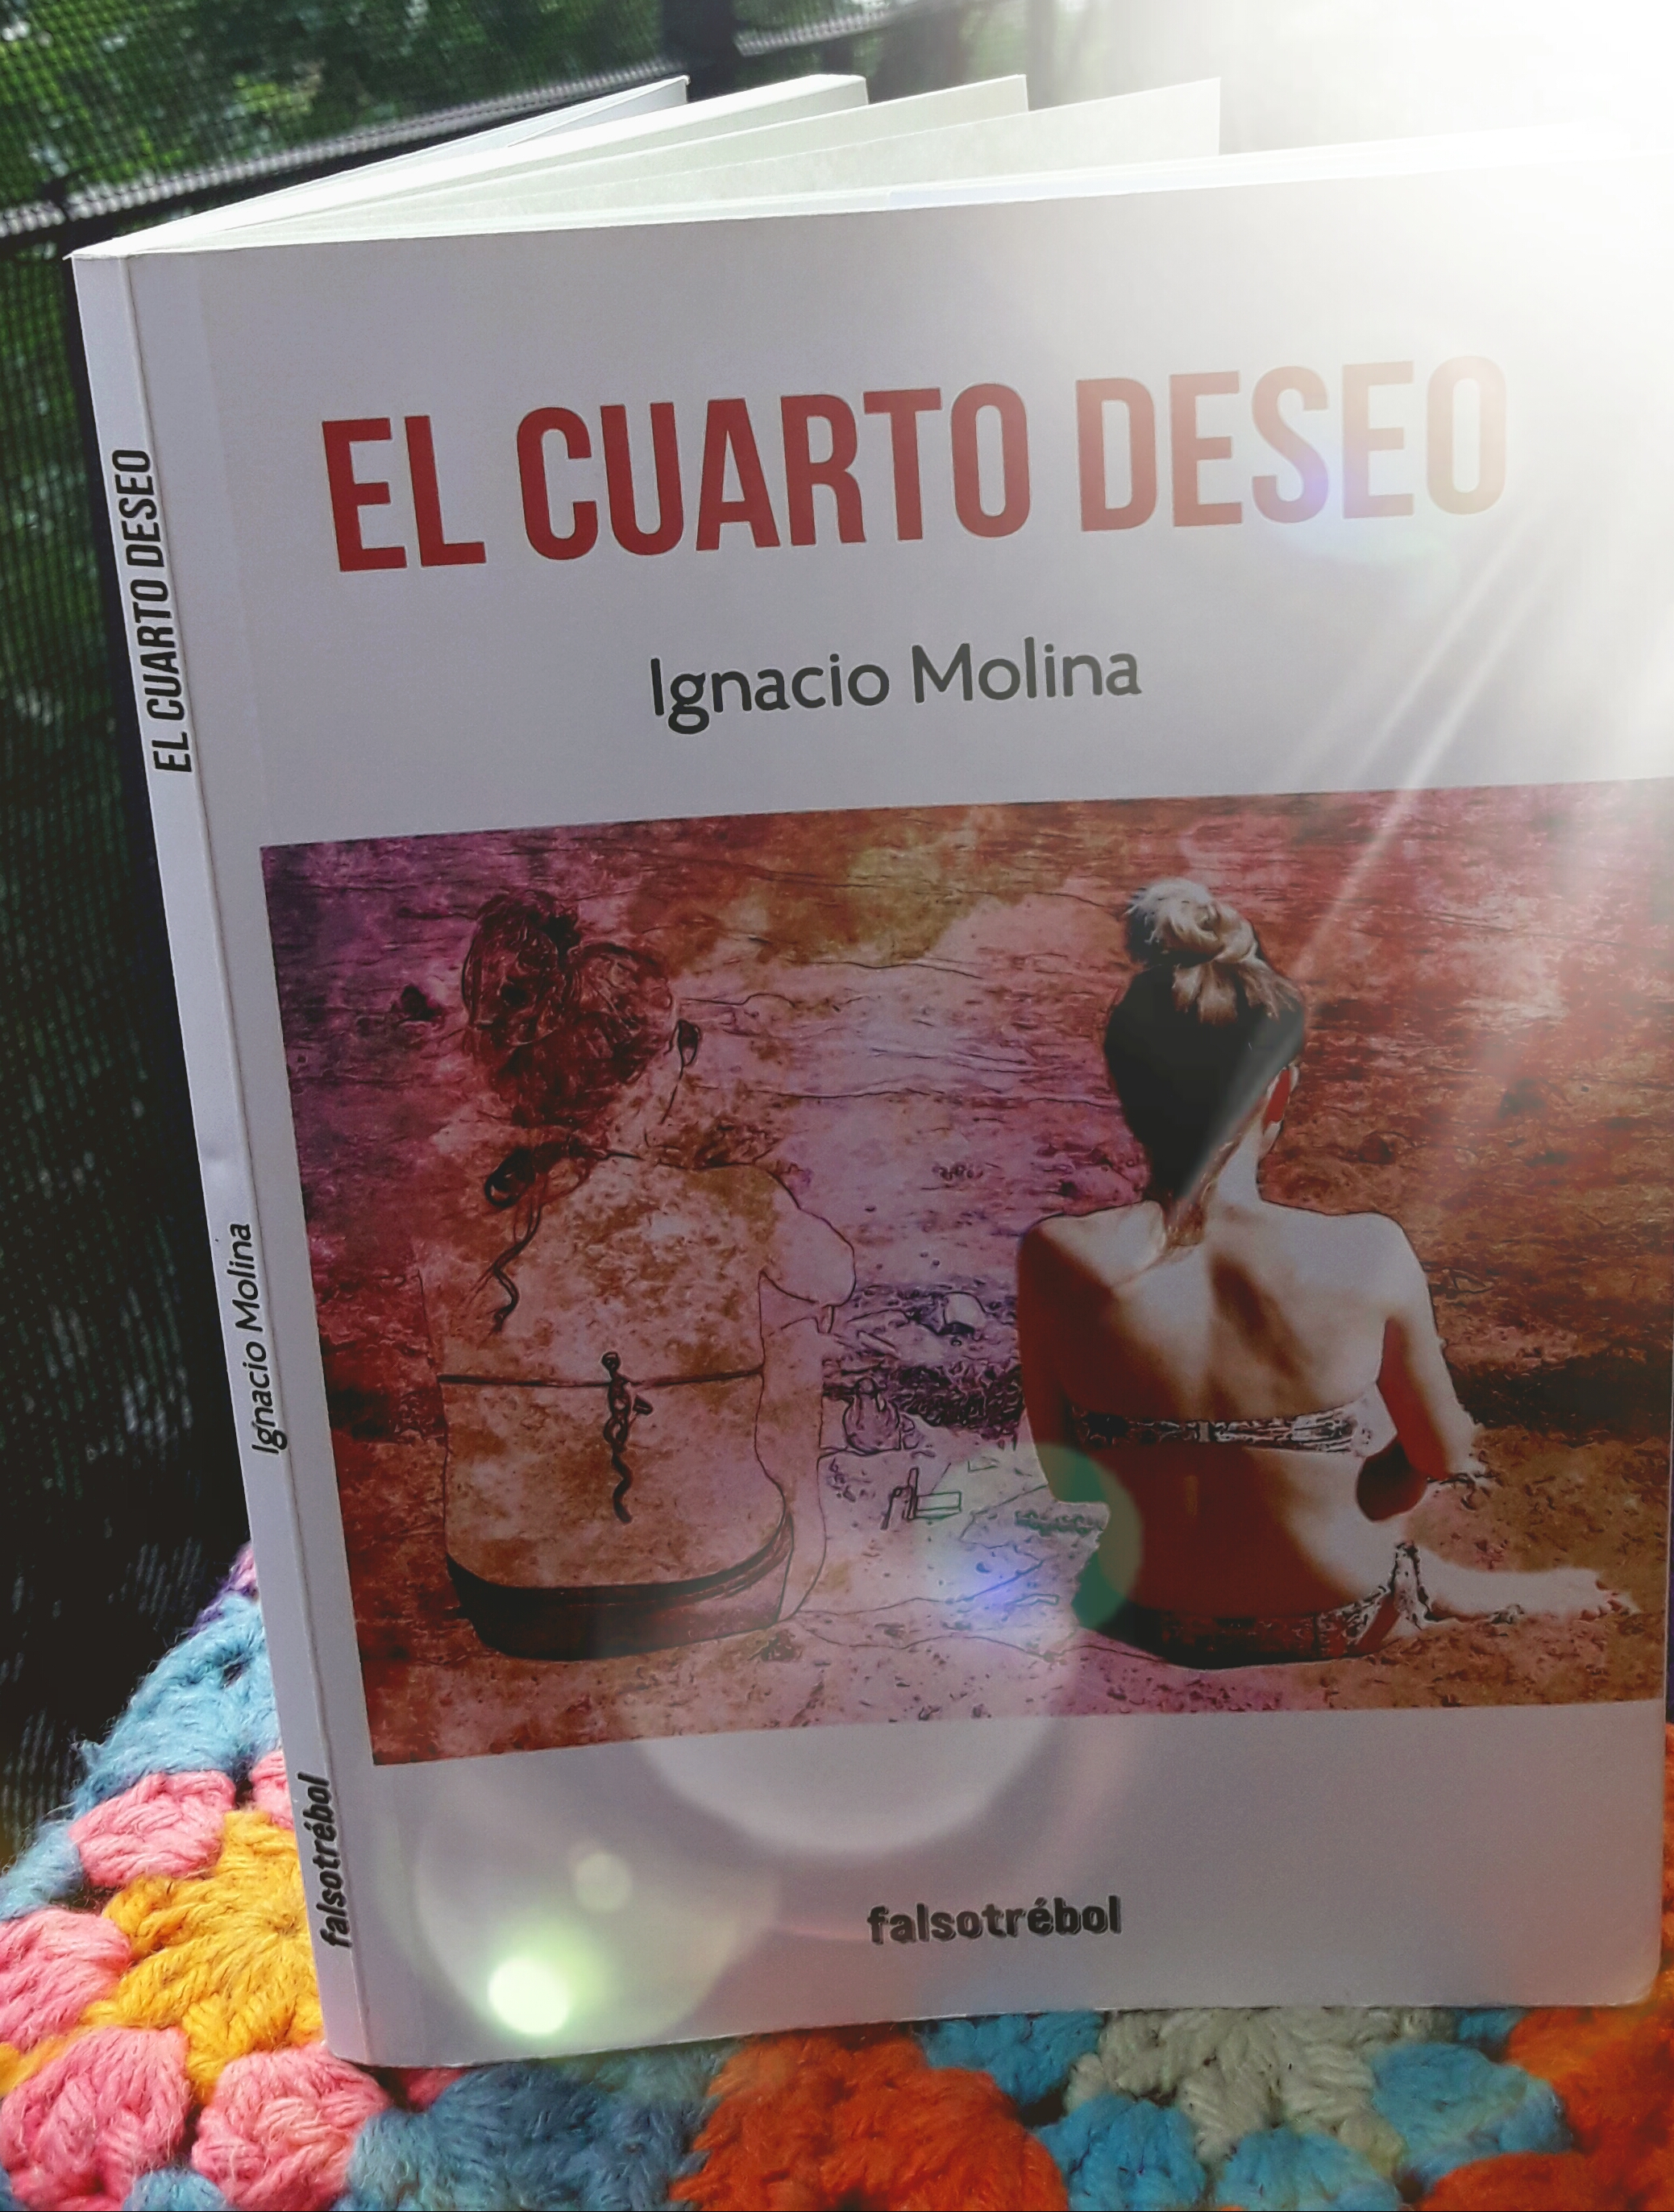 """""""Una nouvelle de clase media"""",  El cuarto deseo de Ignacio Molina (Falso Trébol, 2018), por Nicolás Pose"""